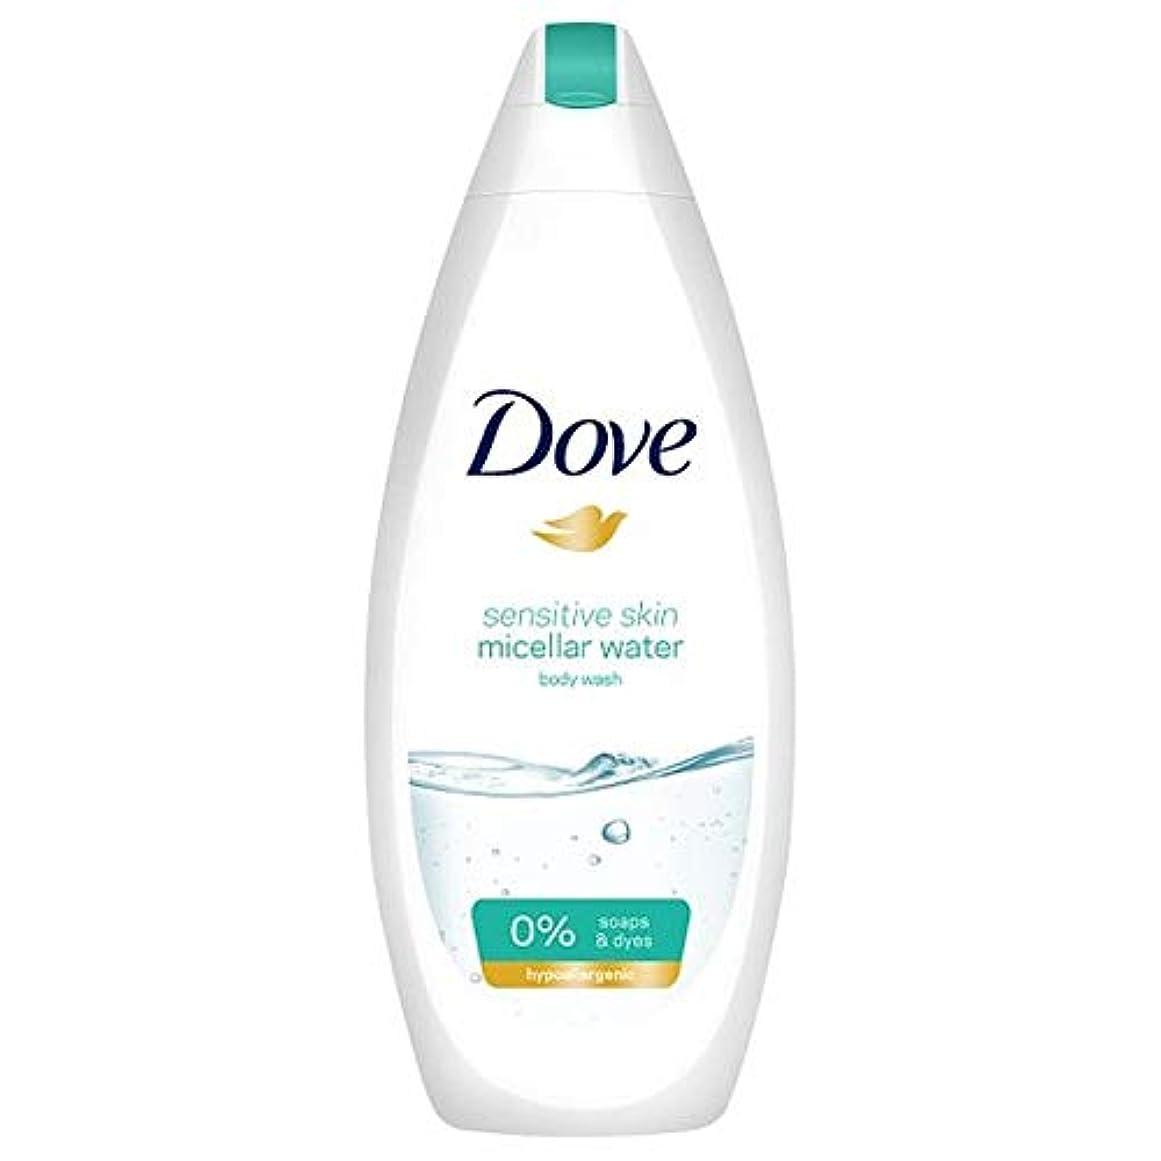 センチメンタル多分適合[Dove] 鳩ミセルボディウォッシュ敏感肌用500ミリリットル - Dove Micellar Body Wash Sensitive Skin 500Ml [並行輸入品]